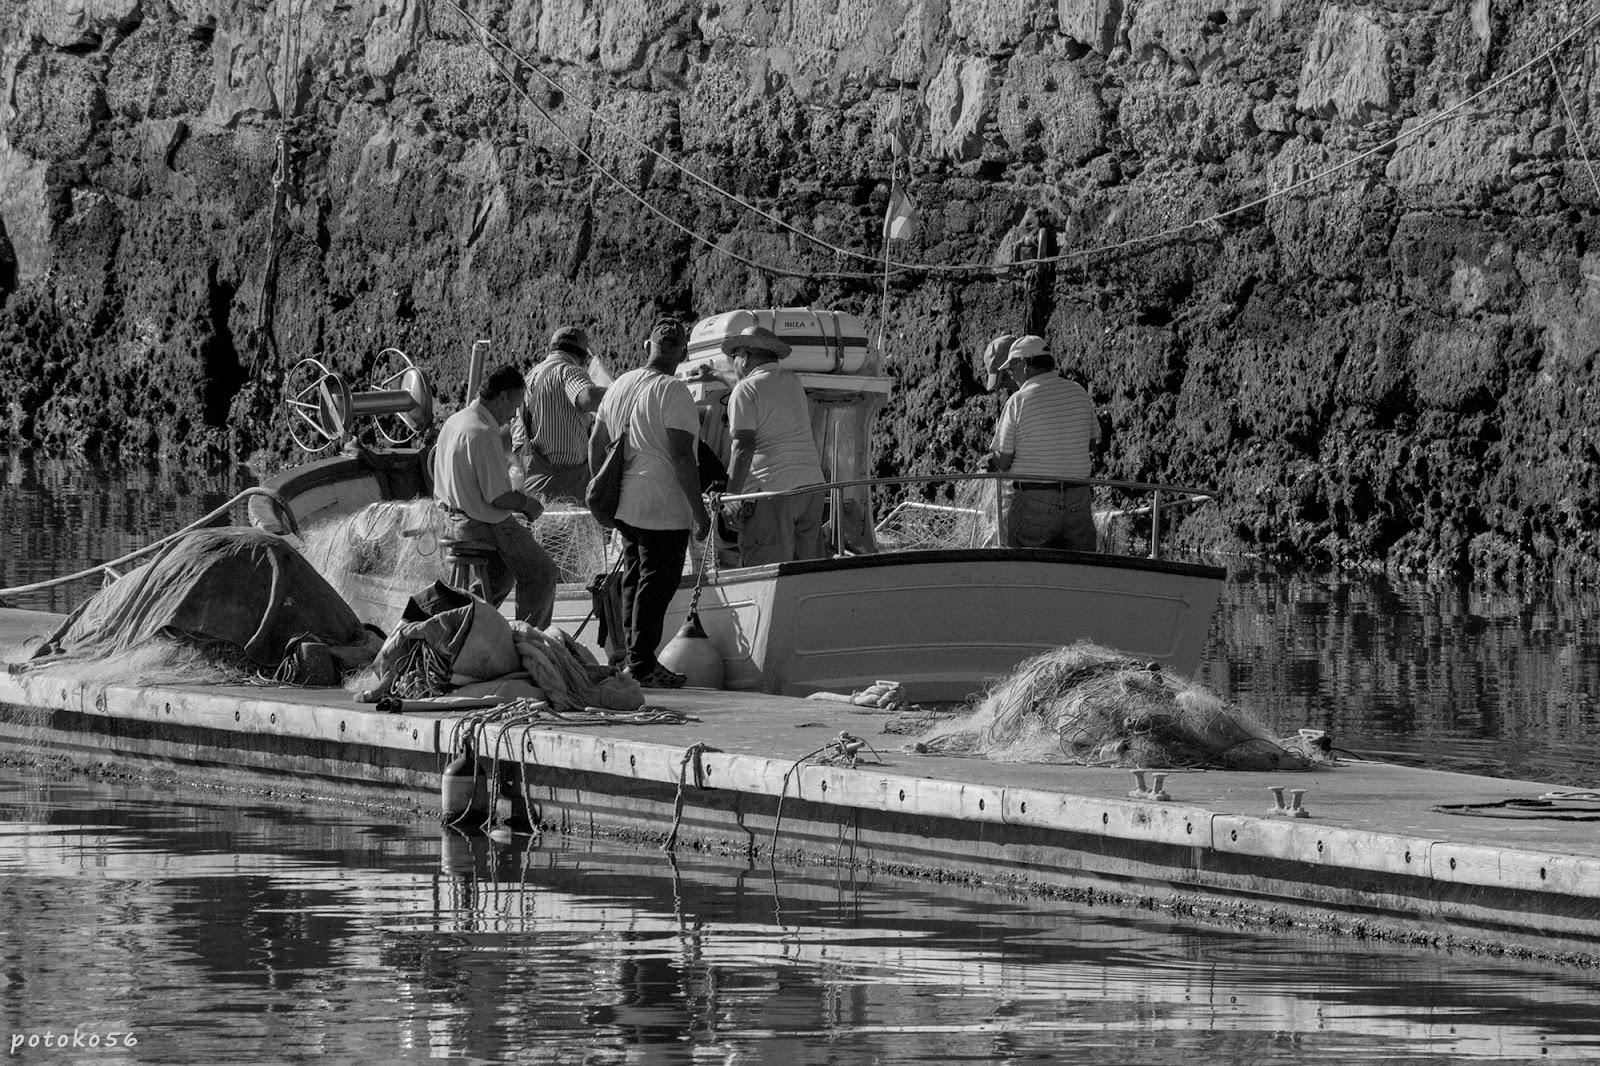 Muelle Pesquero de Rota marineros limpiando redes